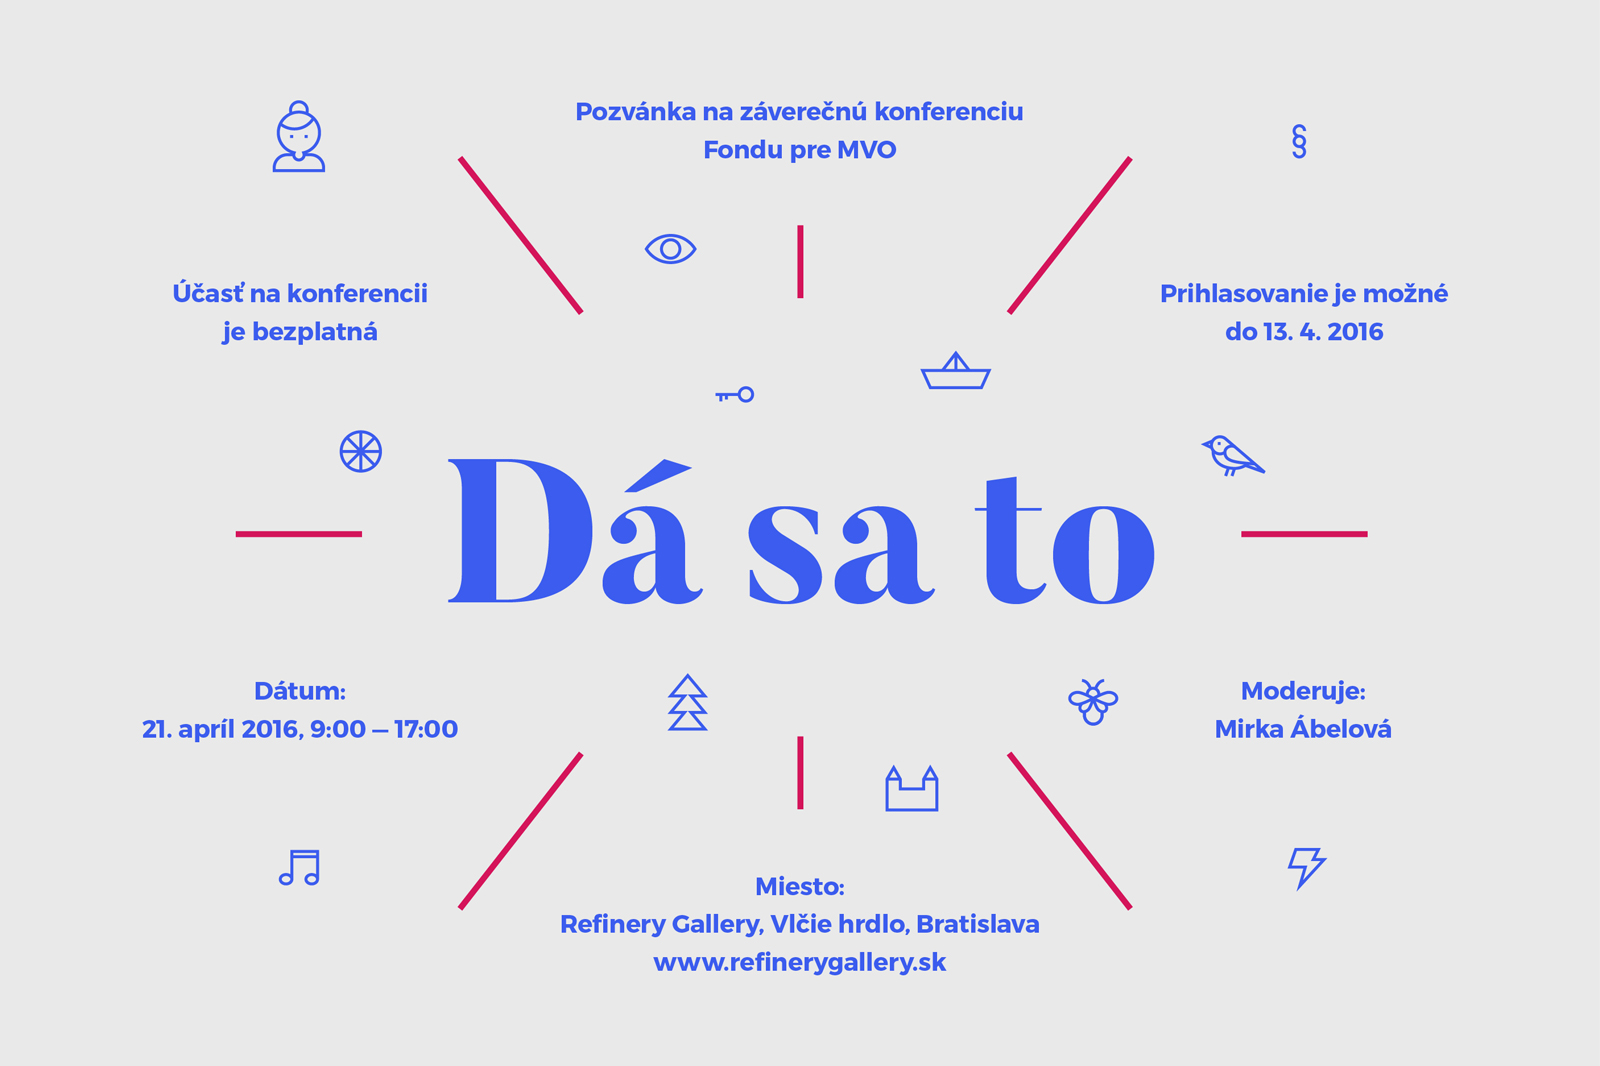 dasato-SK-01